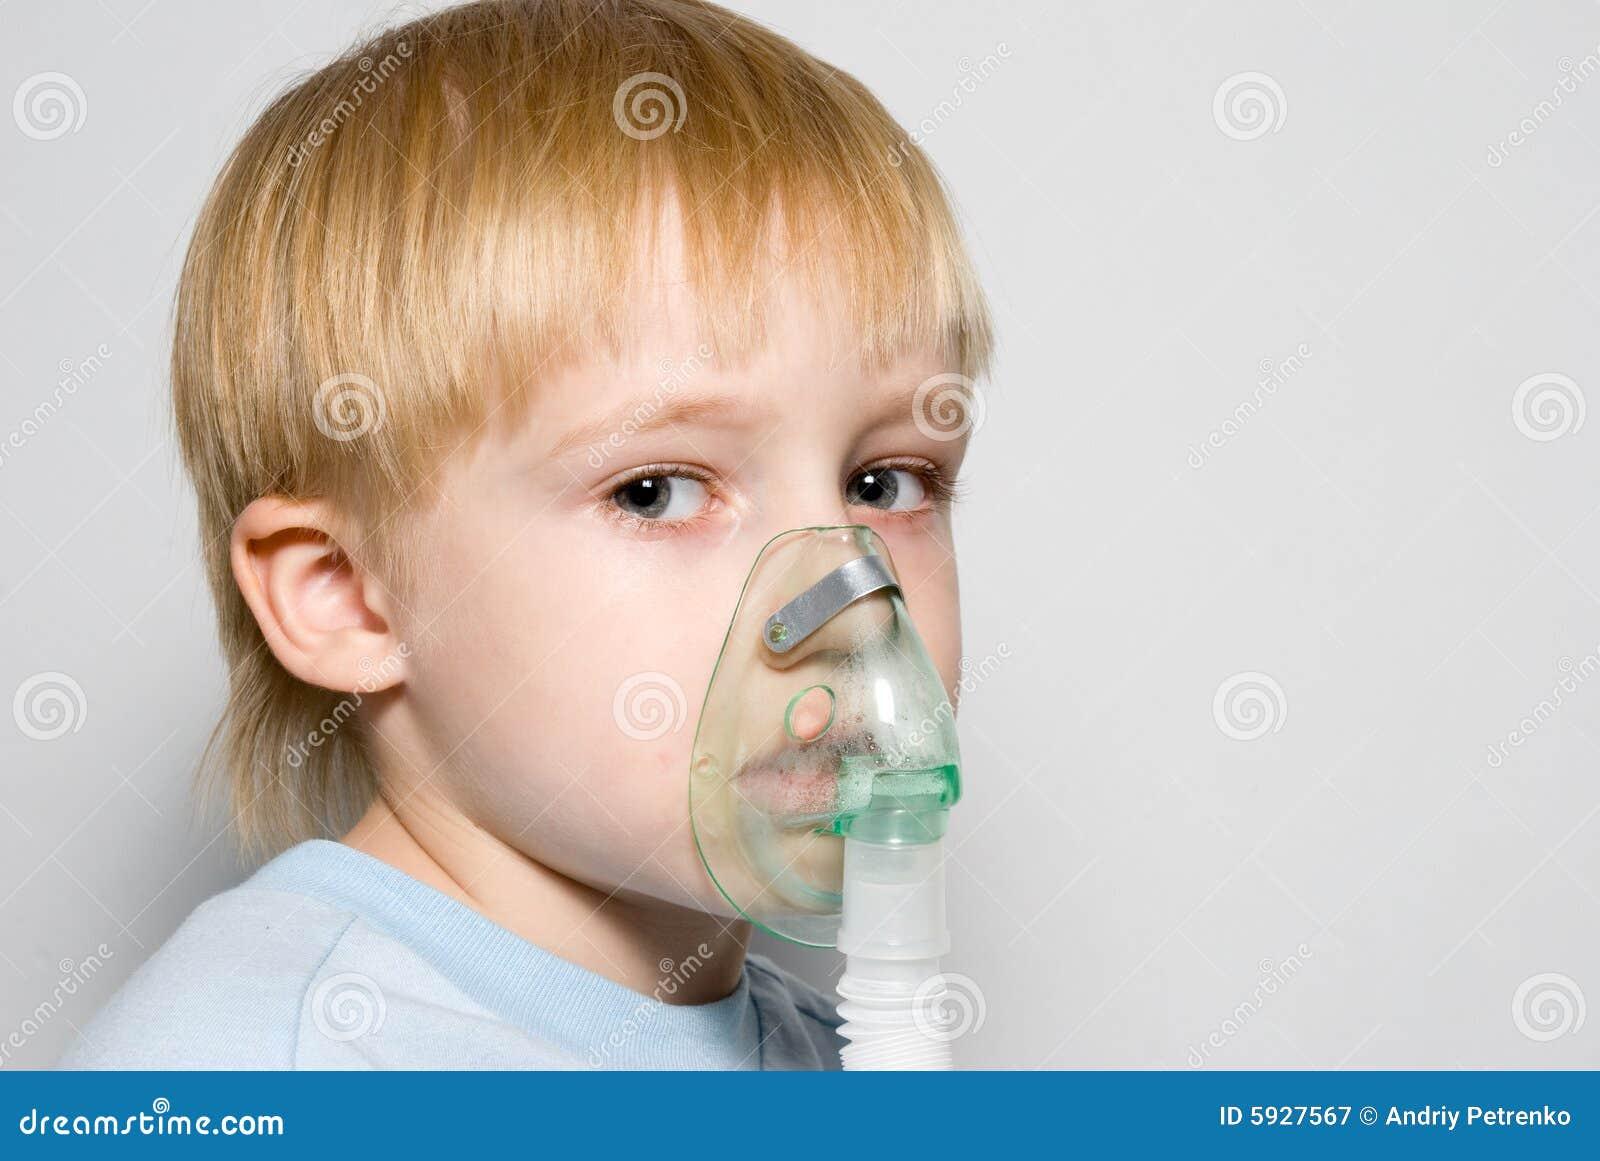 O menino com uma máscara na face